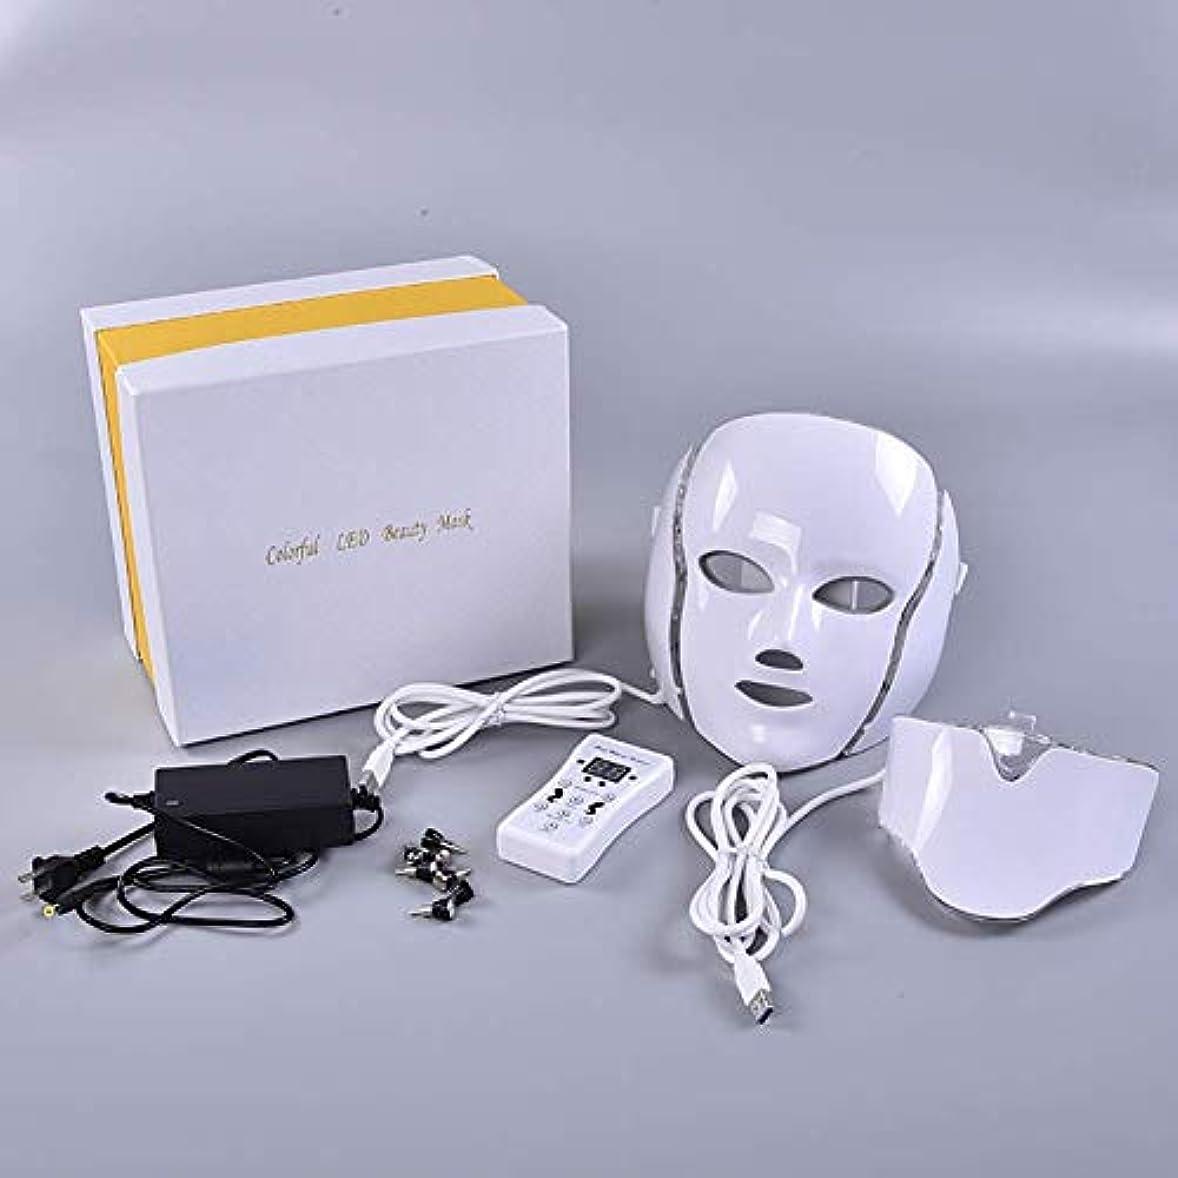 近傍脅威タブレットLed肌光線療法器具、7色ledライト光子ネオン白熱フェイシャルライト肌の若返りledフェイスマスクケア治療美容